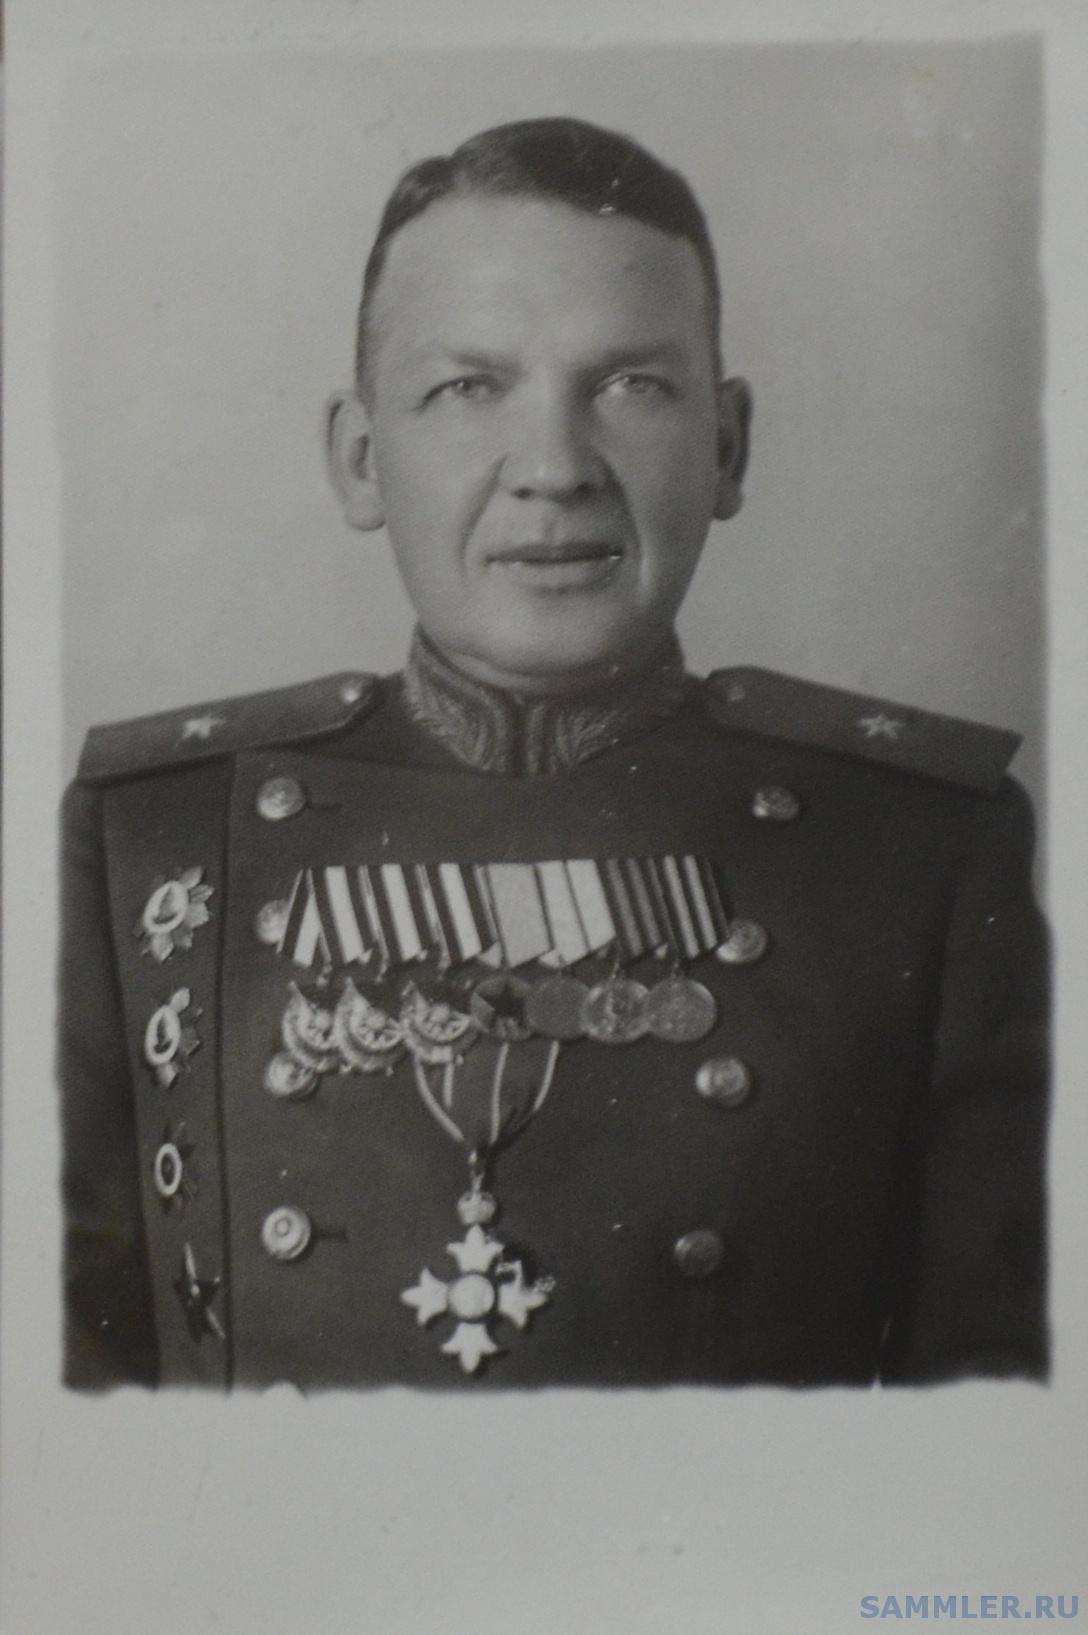 Генерал-майор К В Сычев 1906-1982.jpg